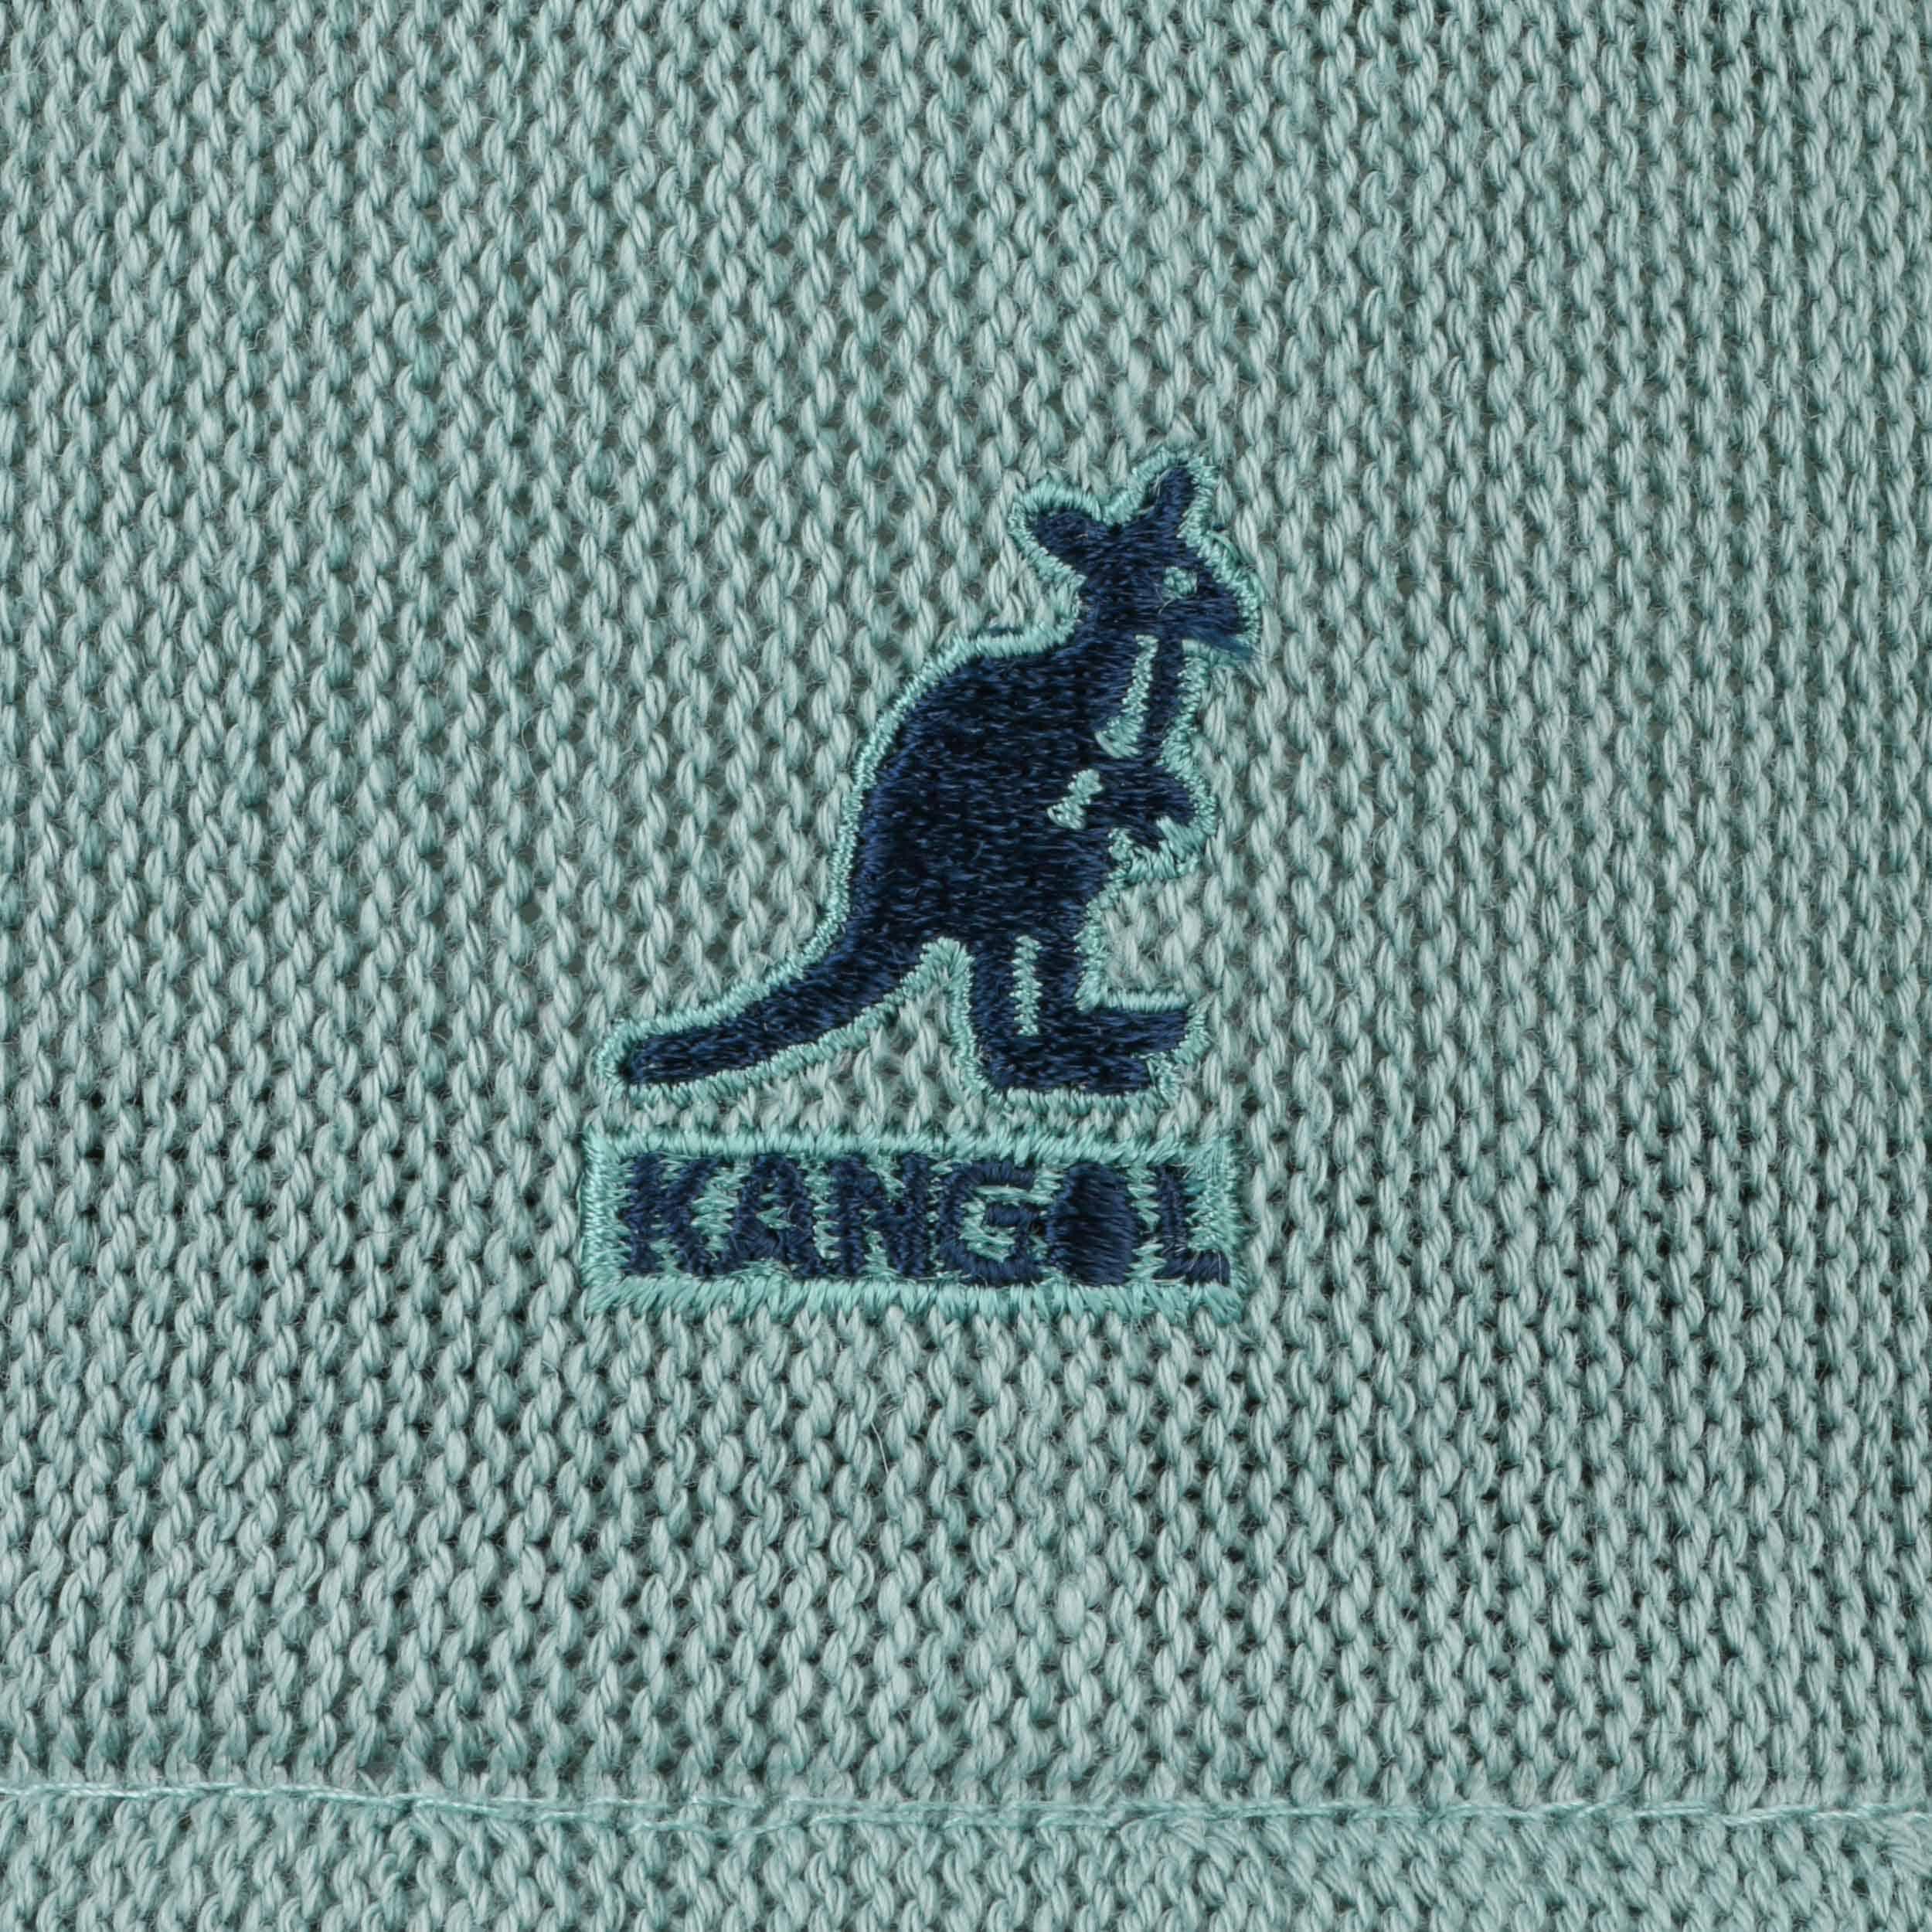 ... Bamboo Cut Off Bucket Hat by Kangol - mint green 4 ... 9c6c34d891a8